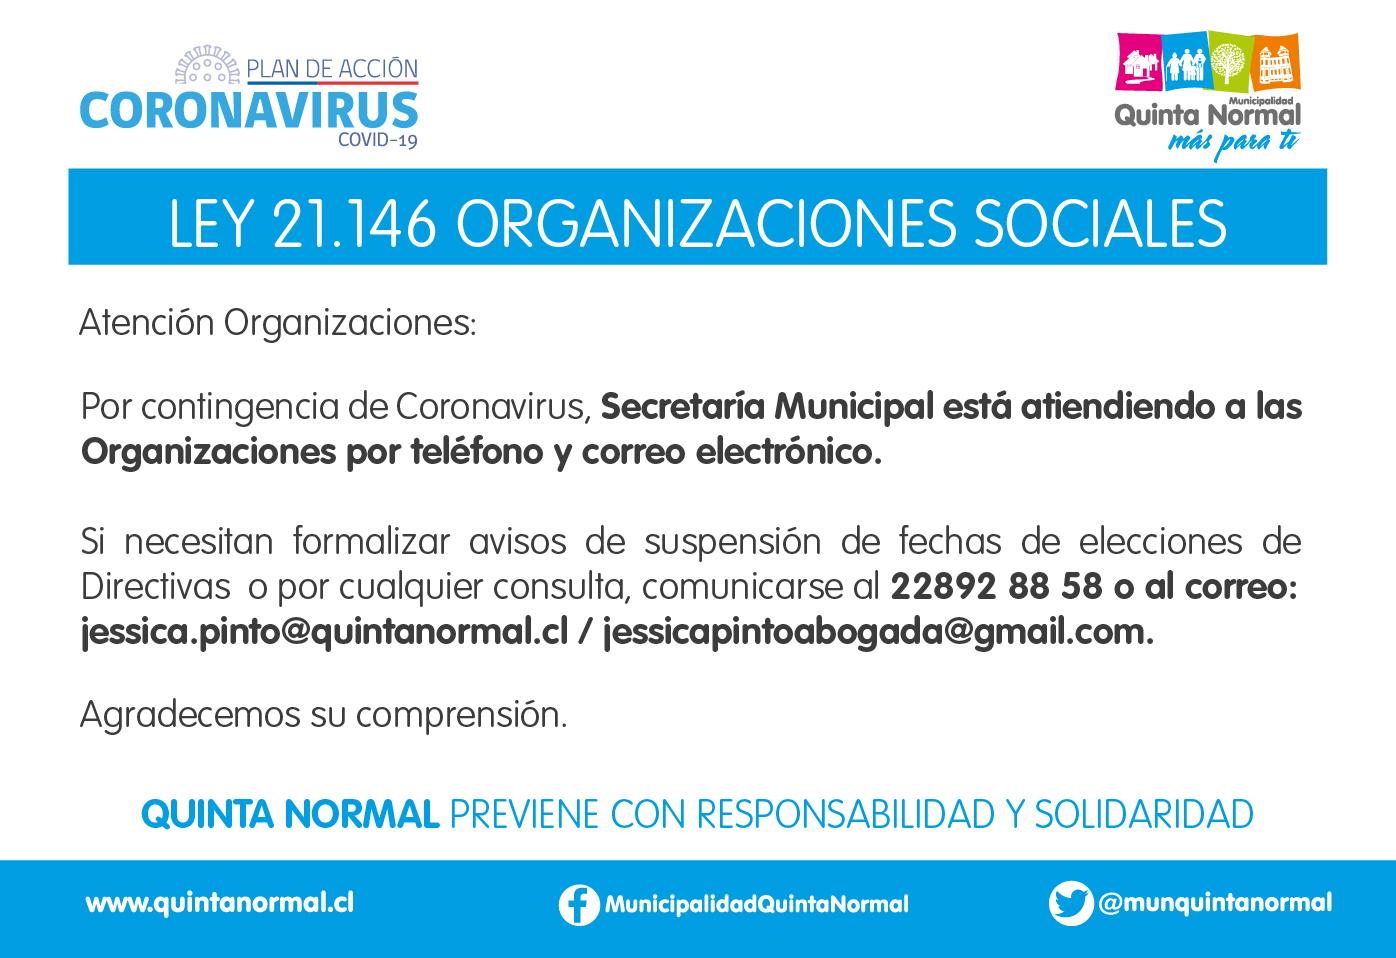 Atención Organizaciones Sociales